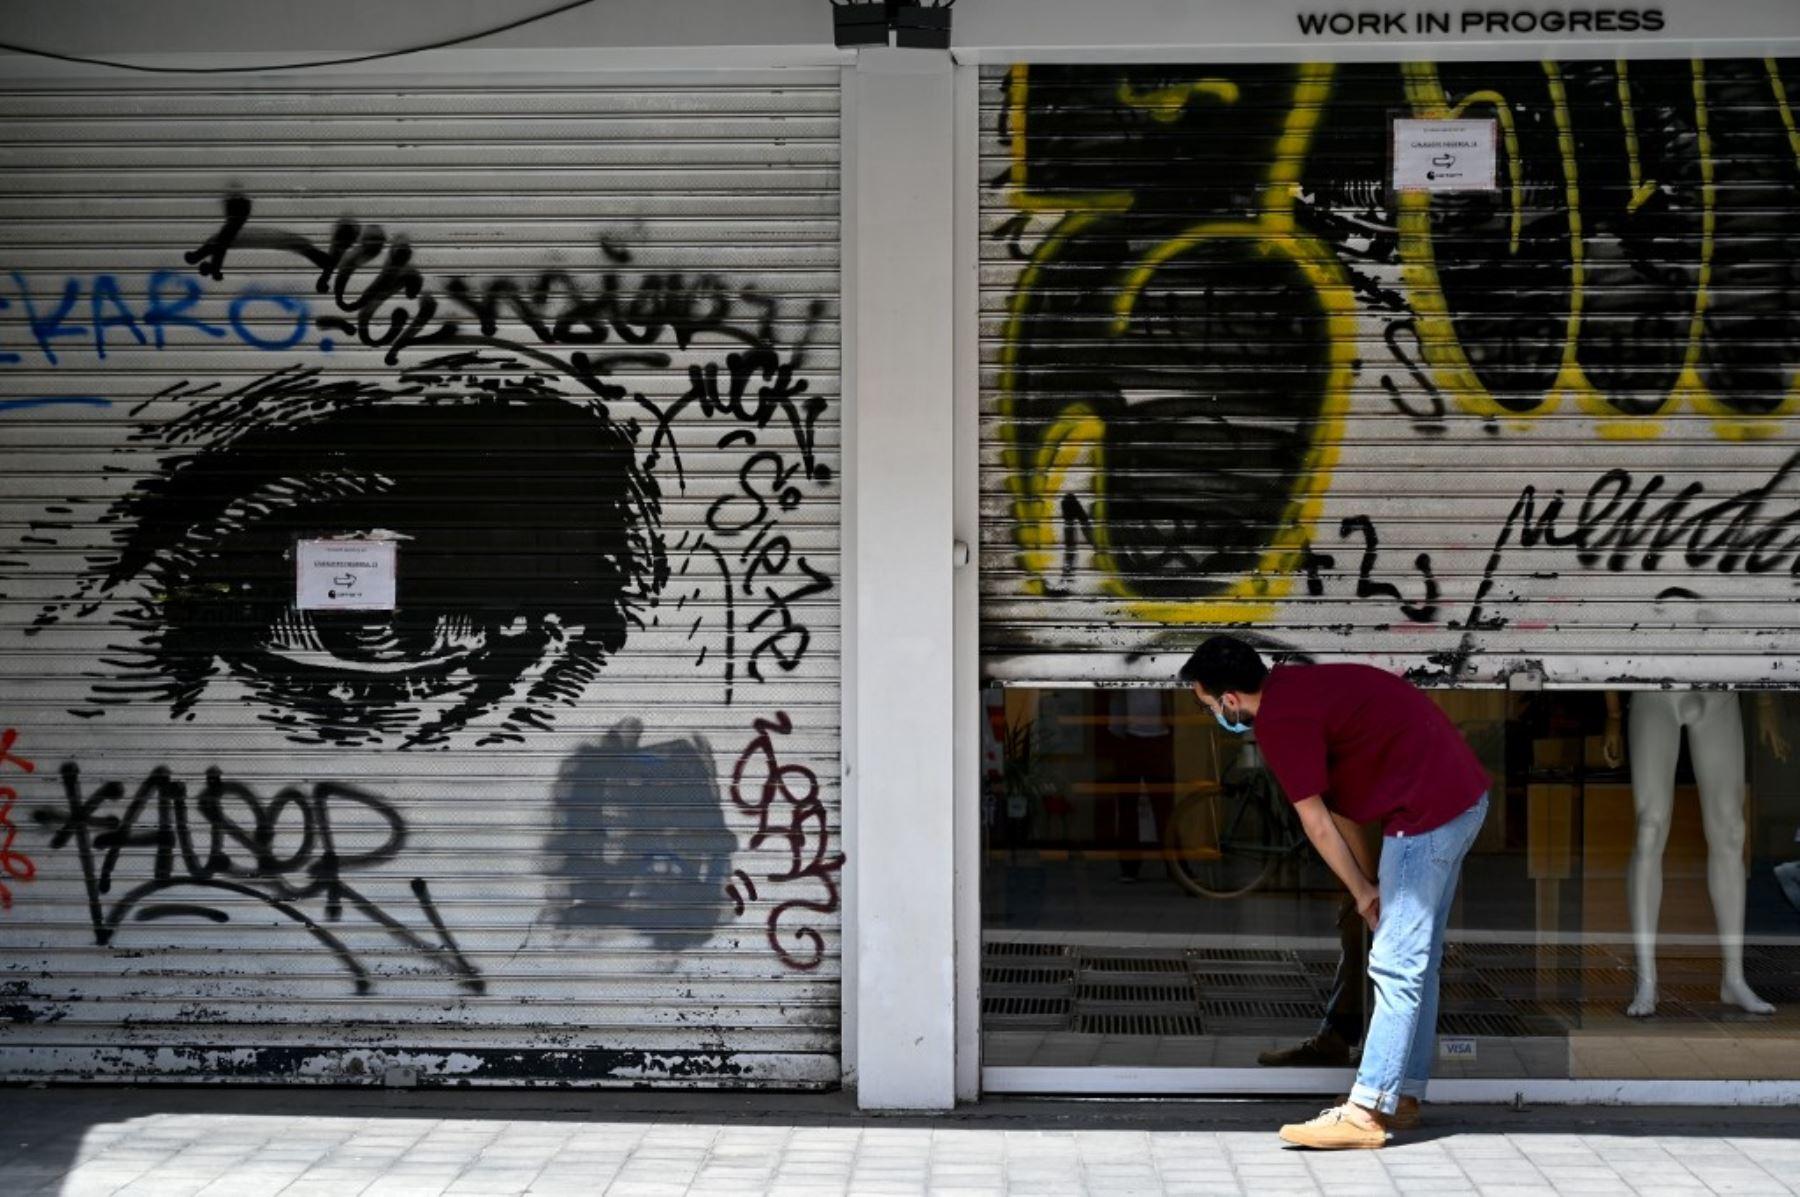 Un hombre comprueba si una tienda de ropa se abrirá ya que la puerta de persiana metálica está medio cerrada, en Madrid. Foto: AFP